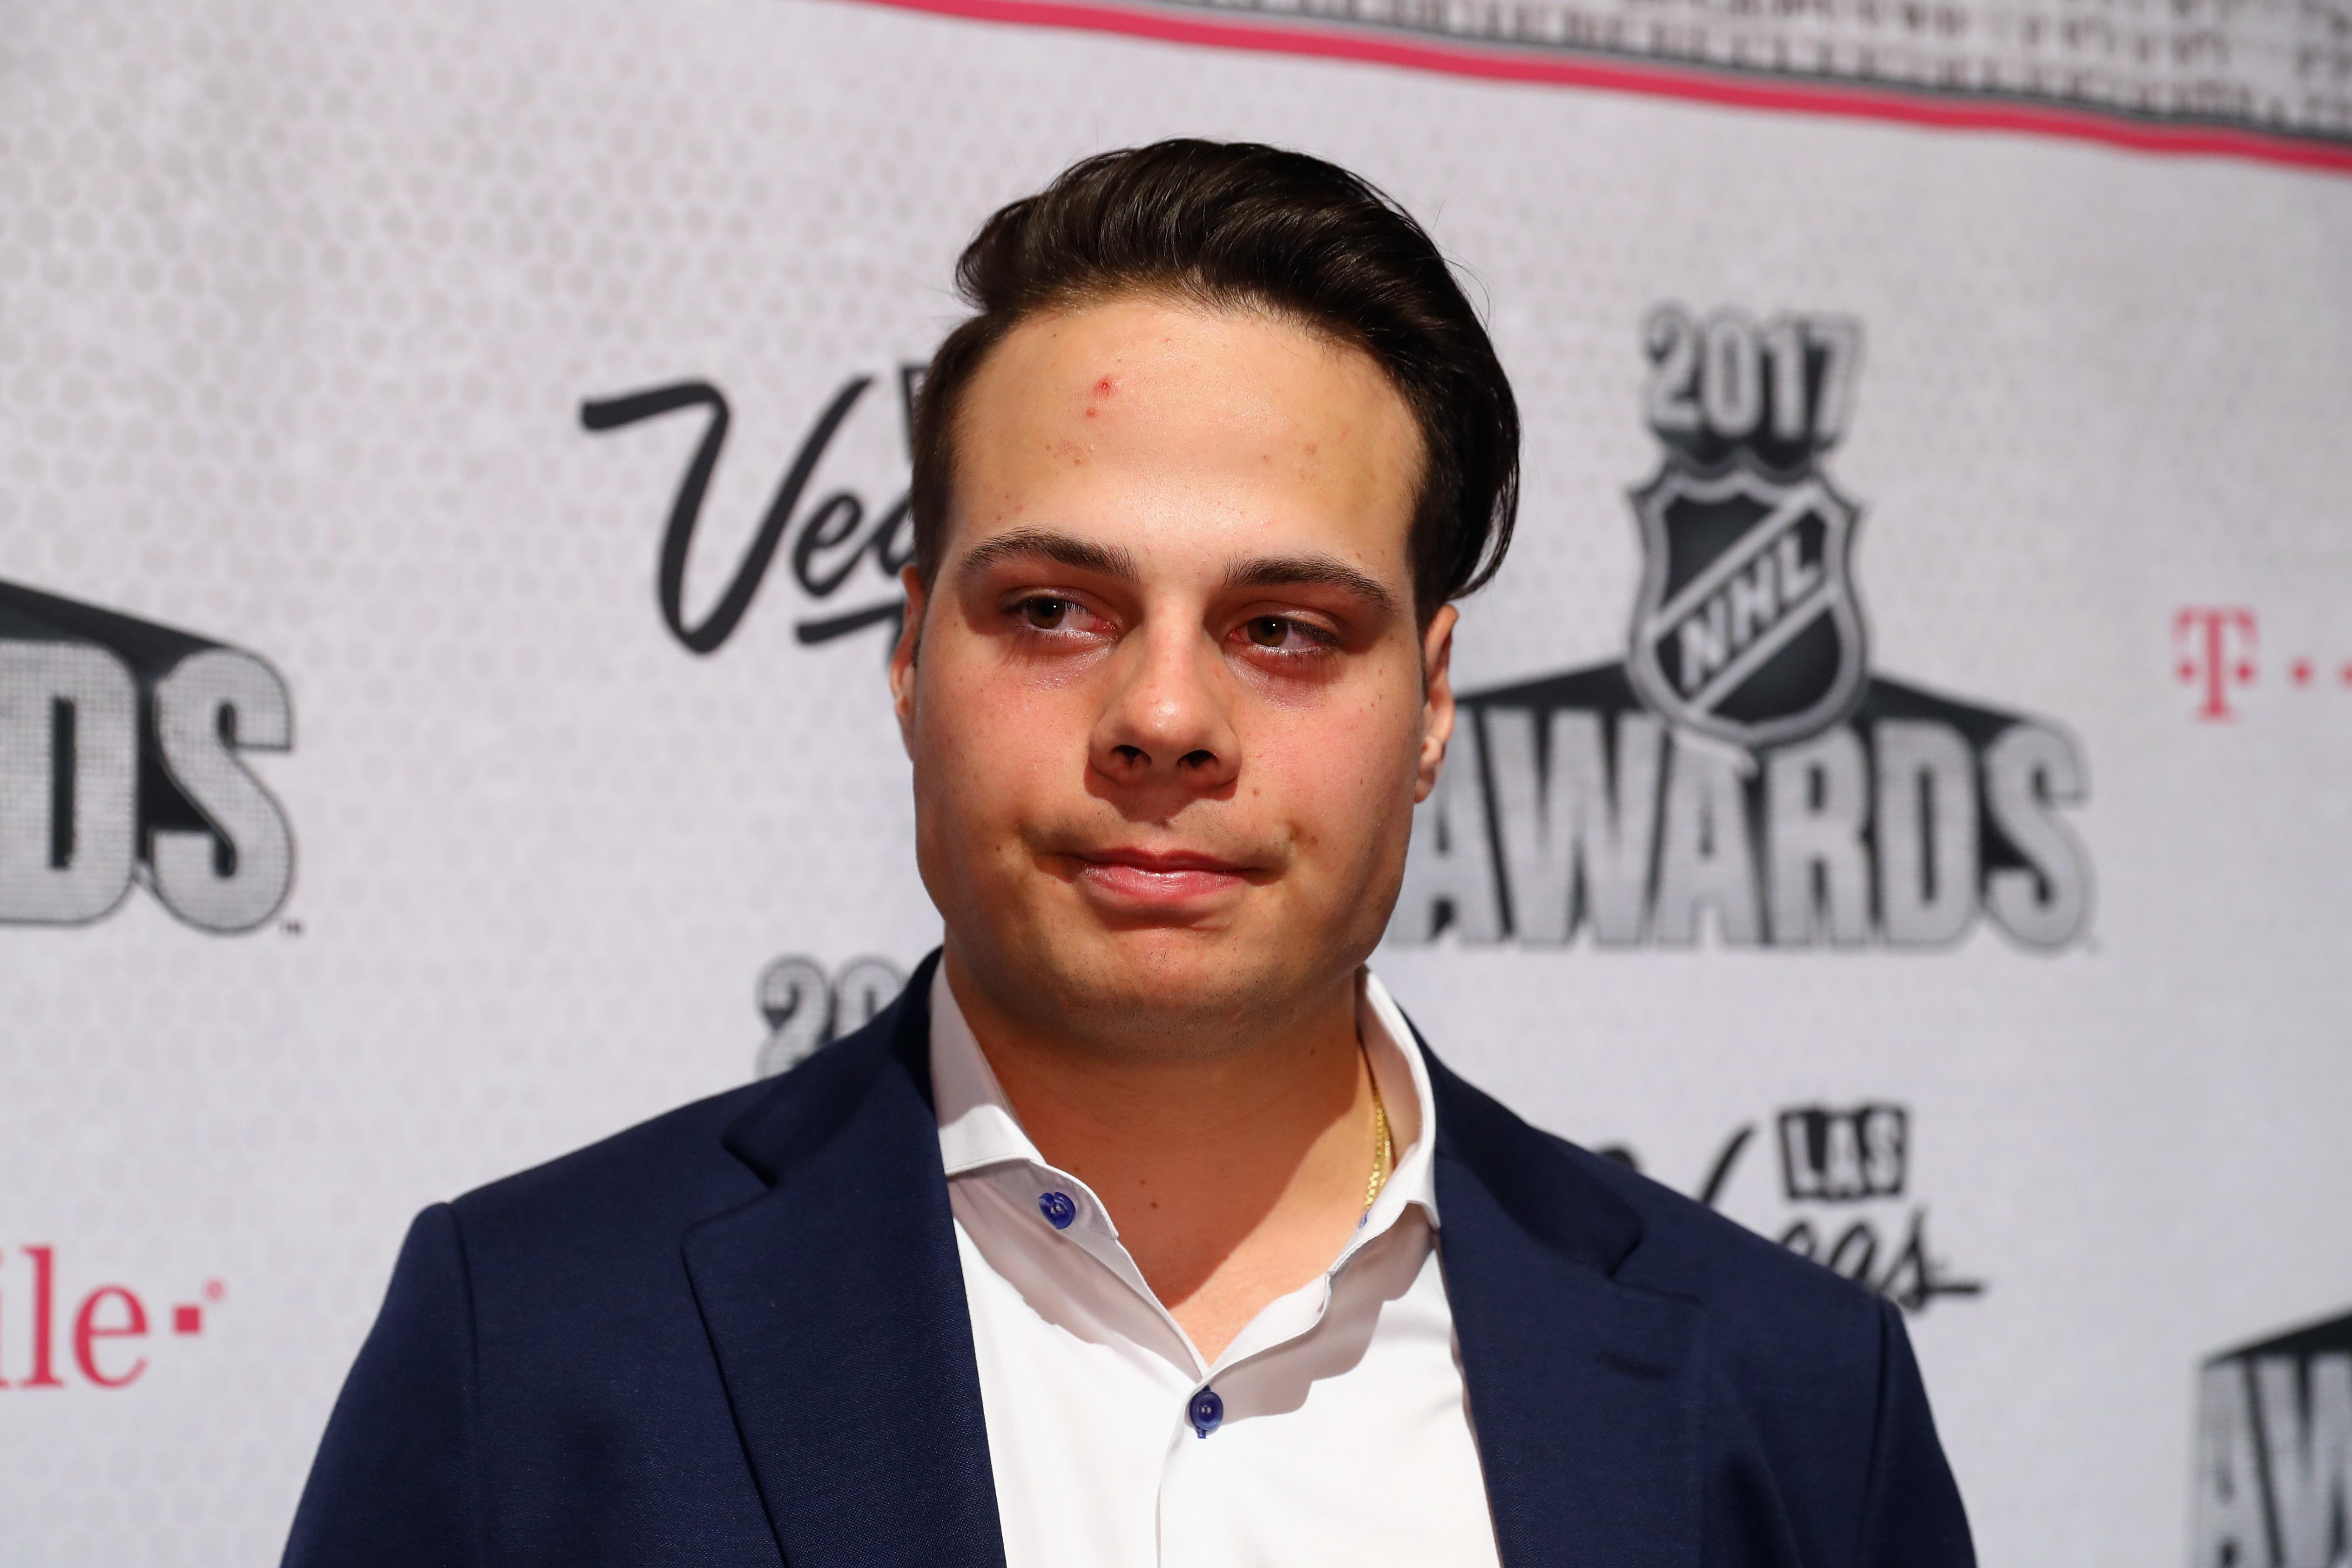 2017 NHL Awards - Media Availability